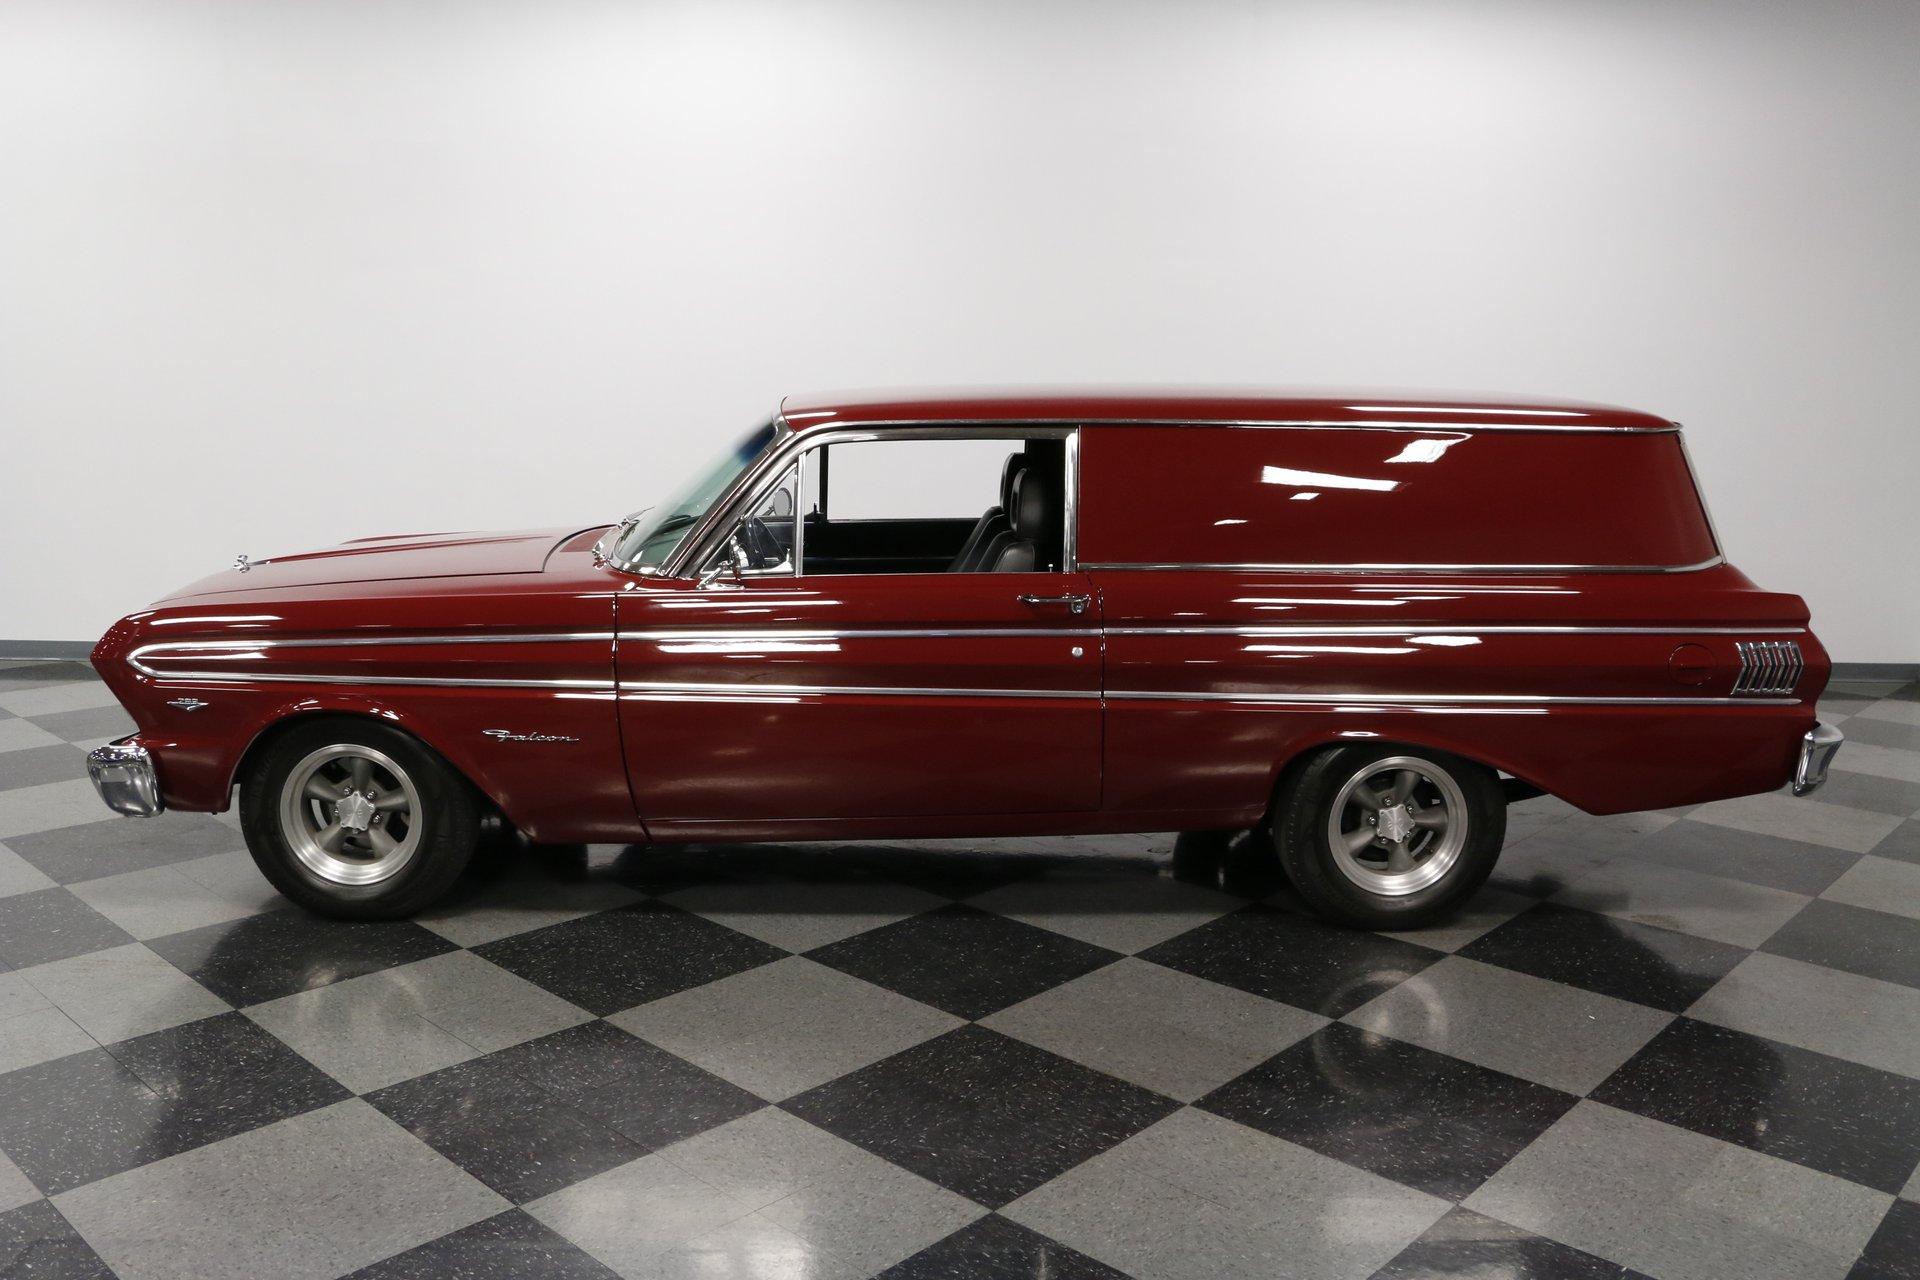 1964 ford falcon sedan delivery